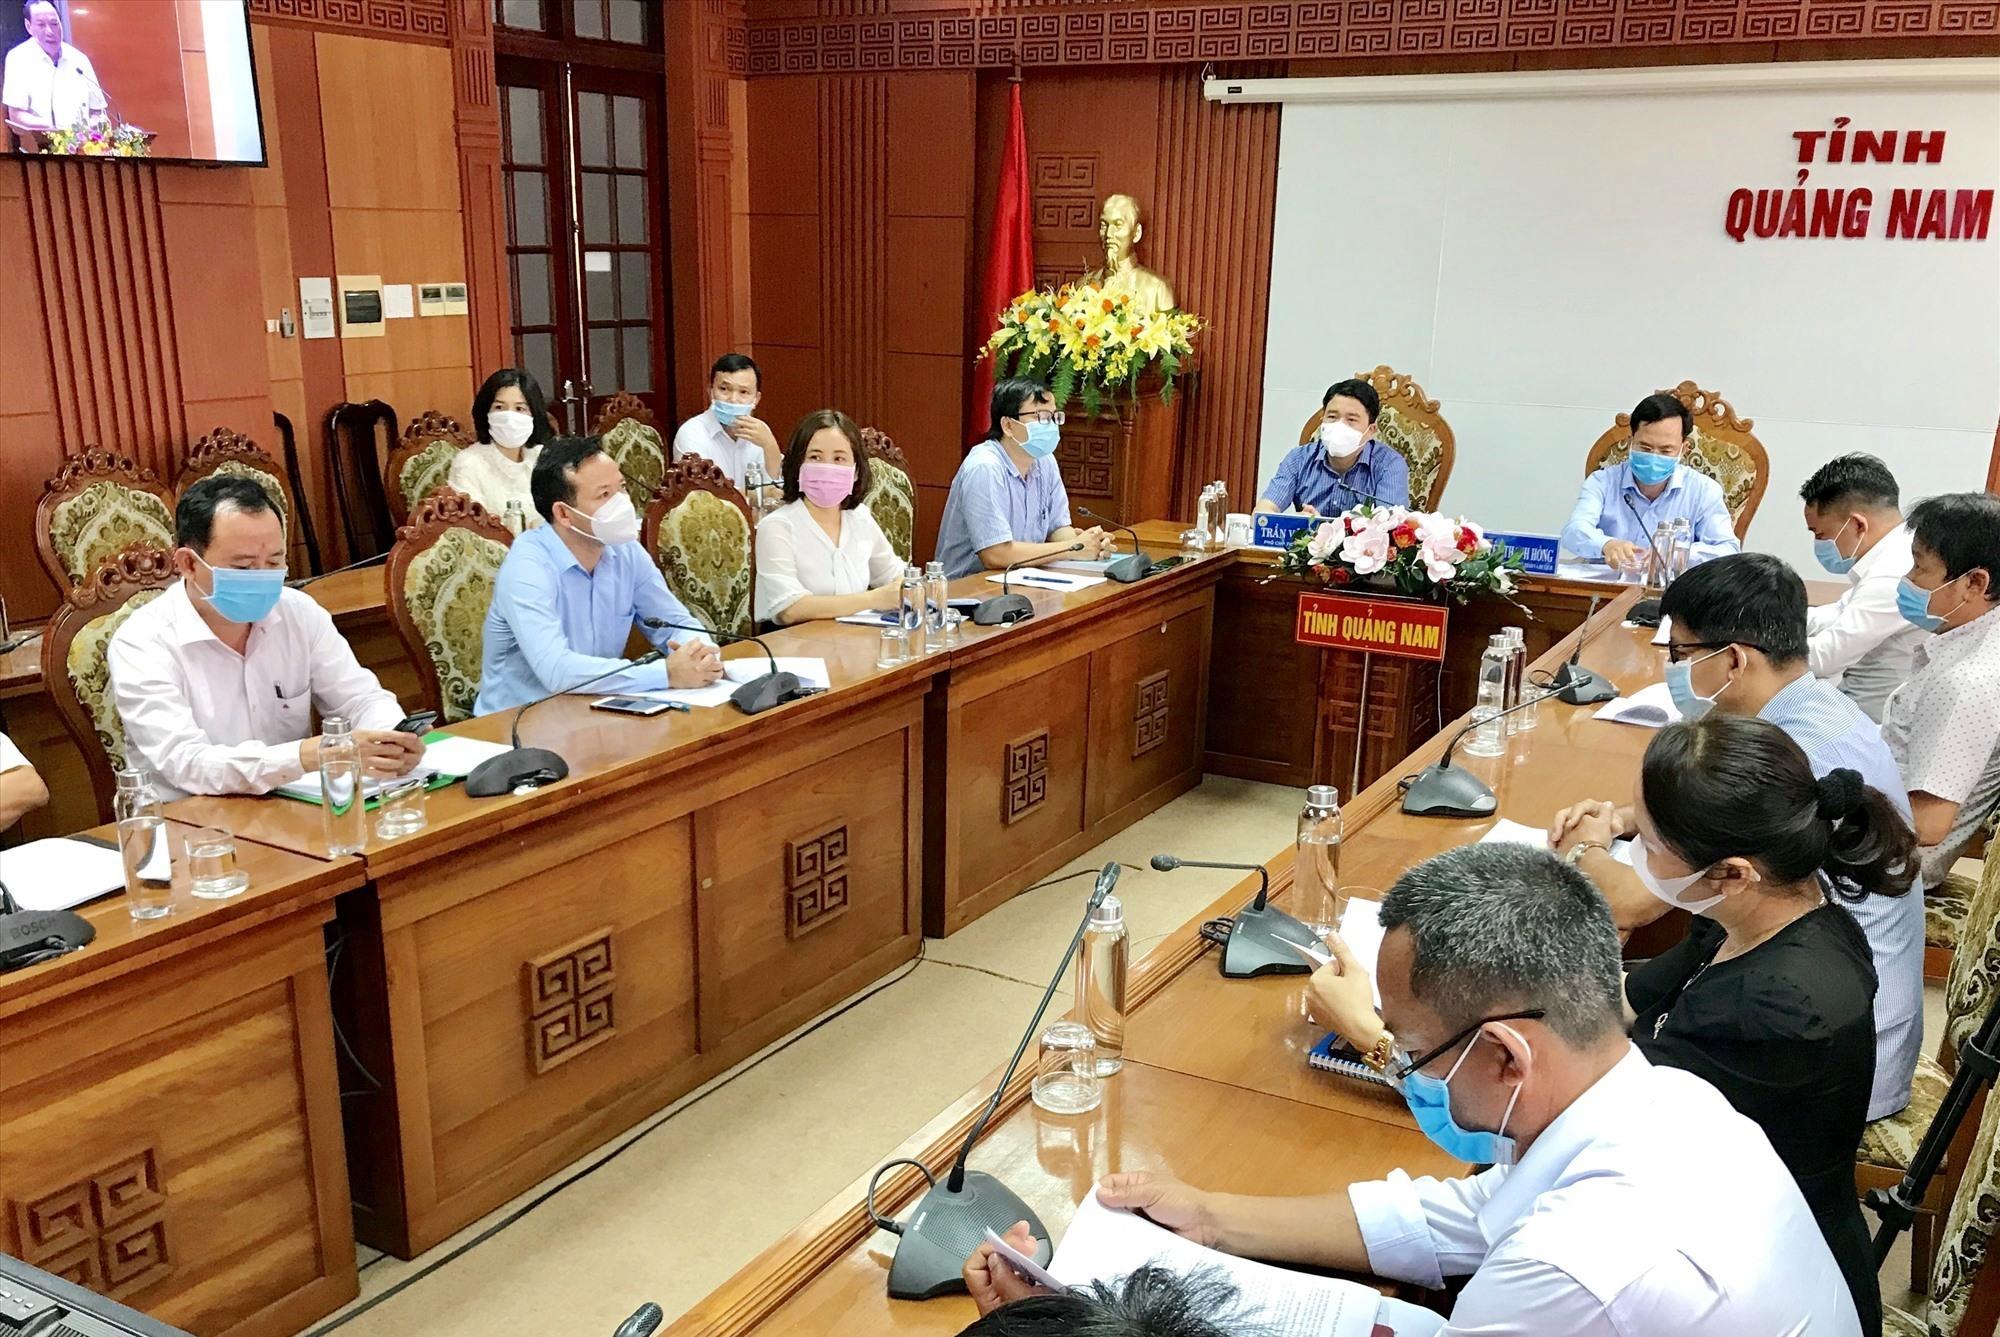 Quang cảnh buổi họp tại điểm cầu Quảng Nam. Ảnh: Q.T